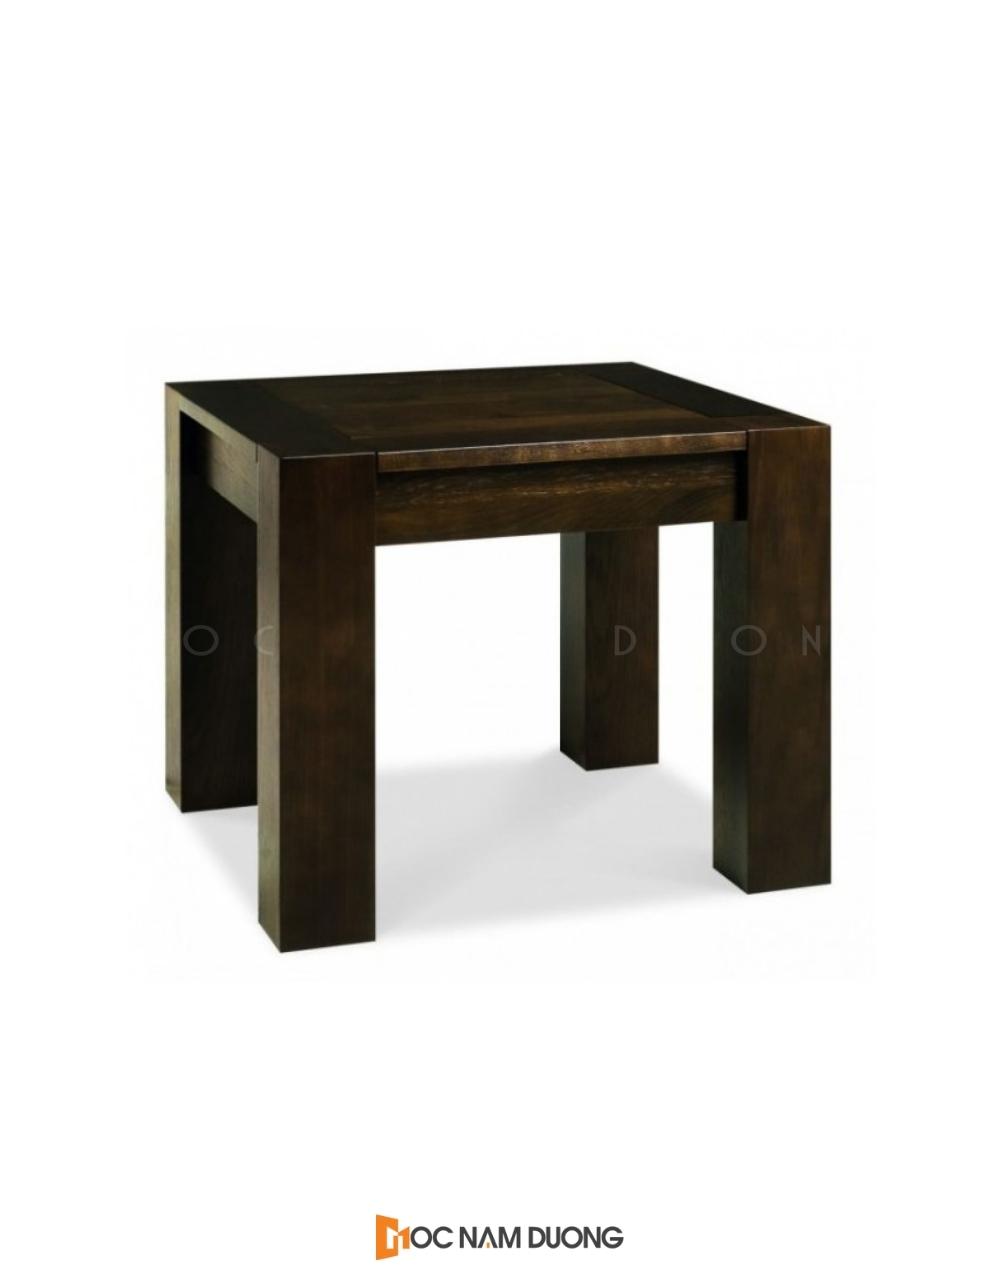 Mẫu 8: Đôn gỗ óc chó hình chữ nhật đẹp